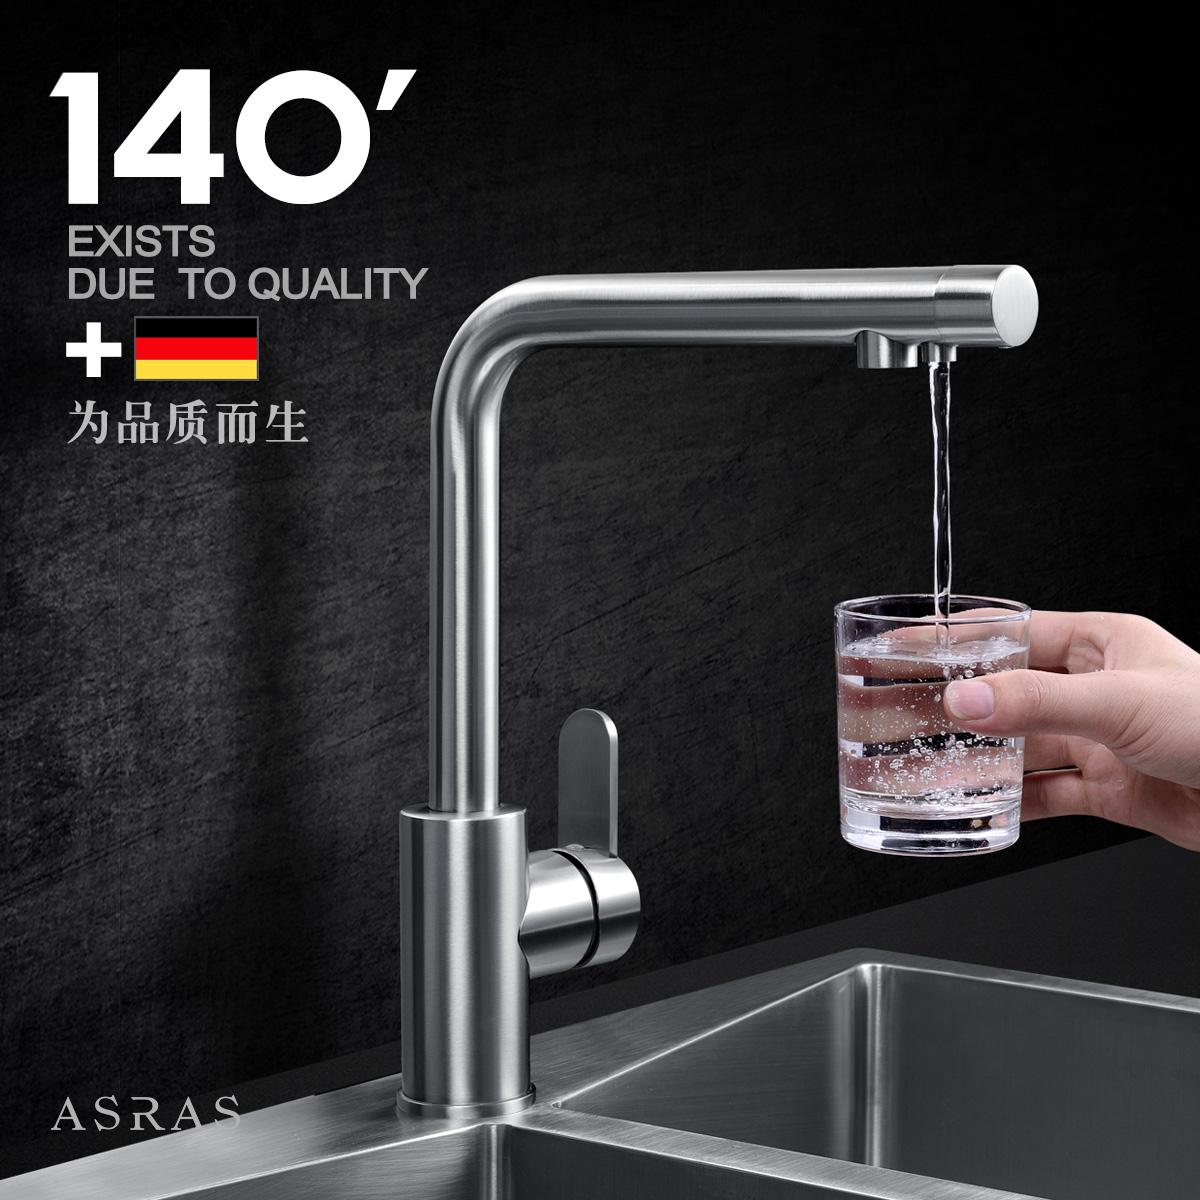 阿萨斯304不锈钢水龙头AS-3040